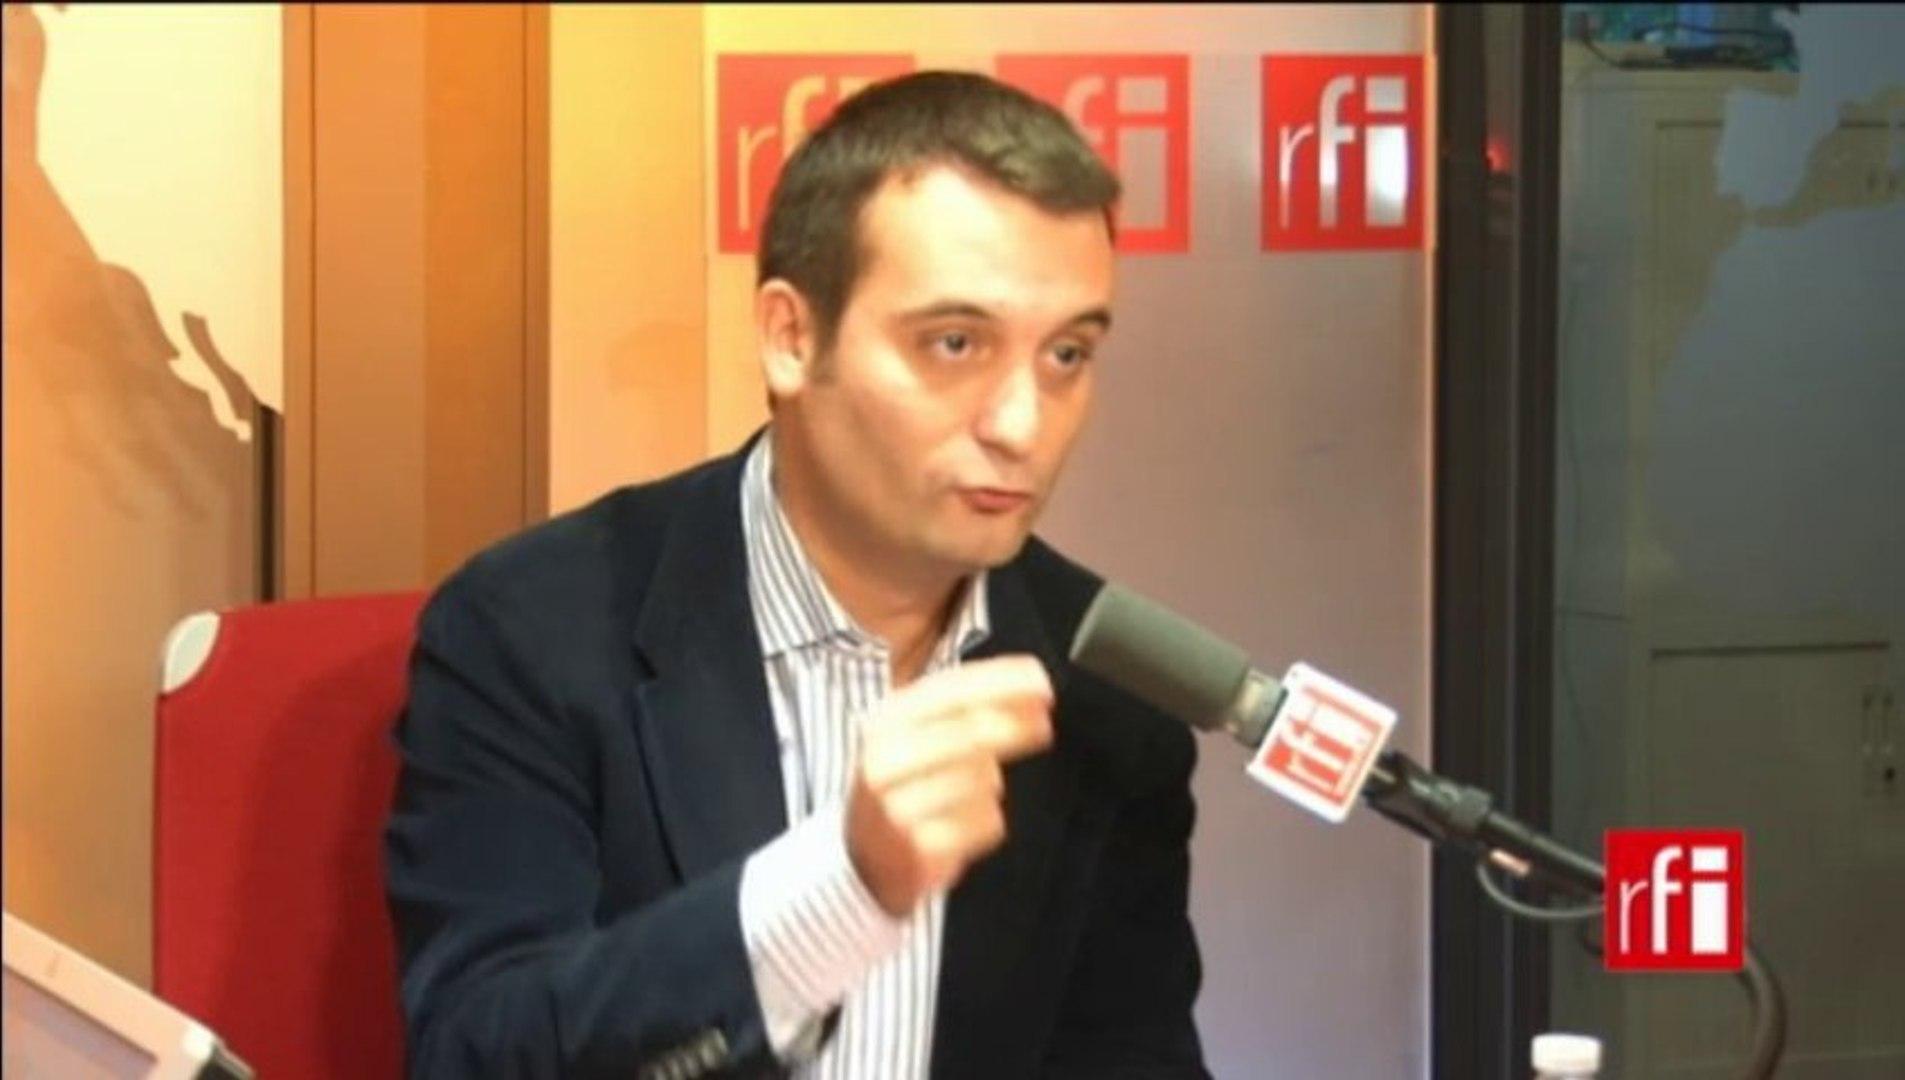 Florian Philippot, vice-président du Front National (FN) en charge de la stratégie et de la communic